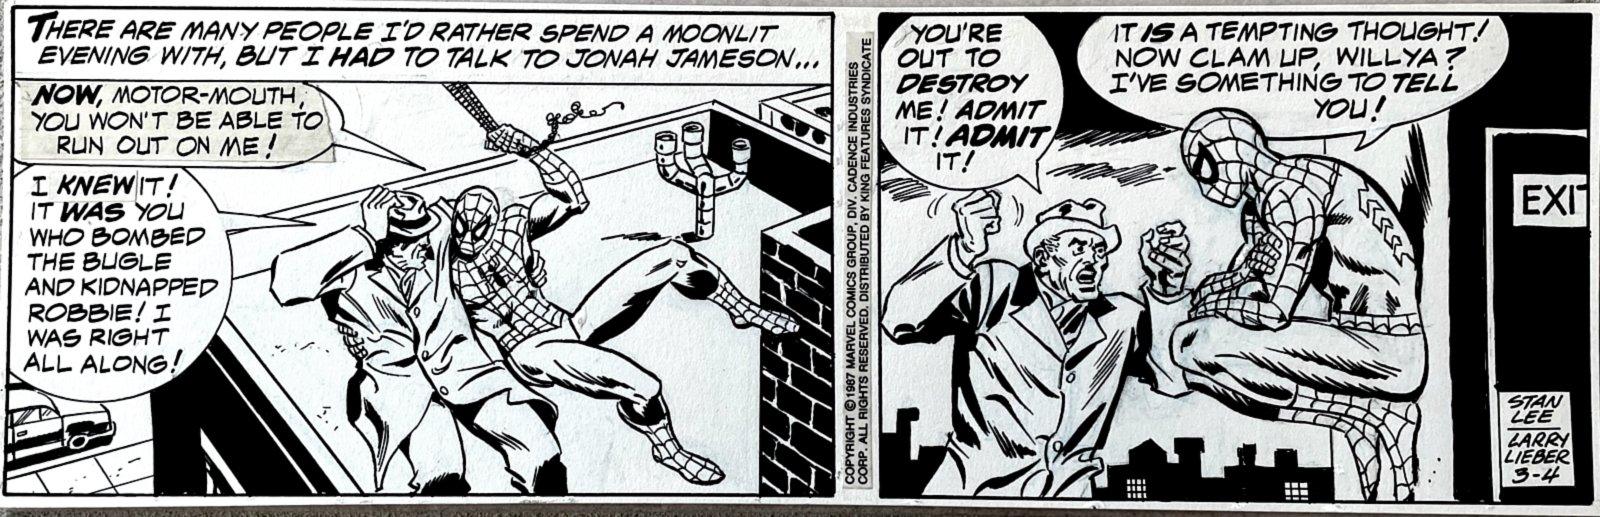 Amazing Spider-Man Daily Strip (ALL SPIDEY & JJJ) 3-4-1987